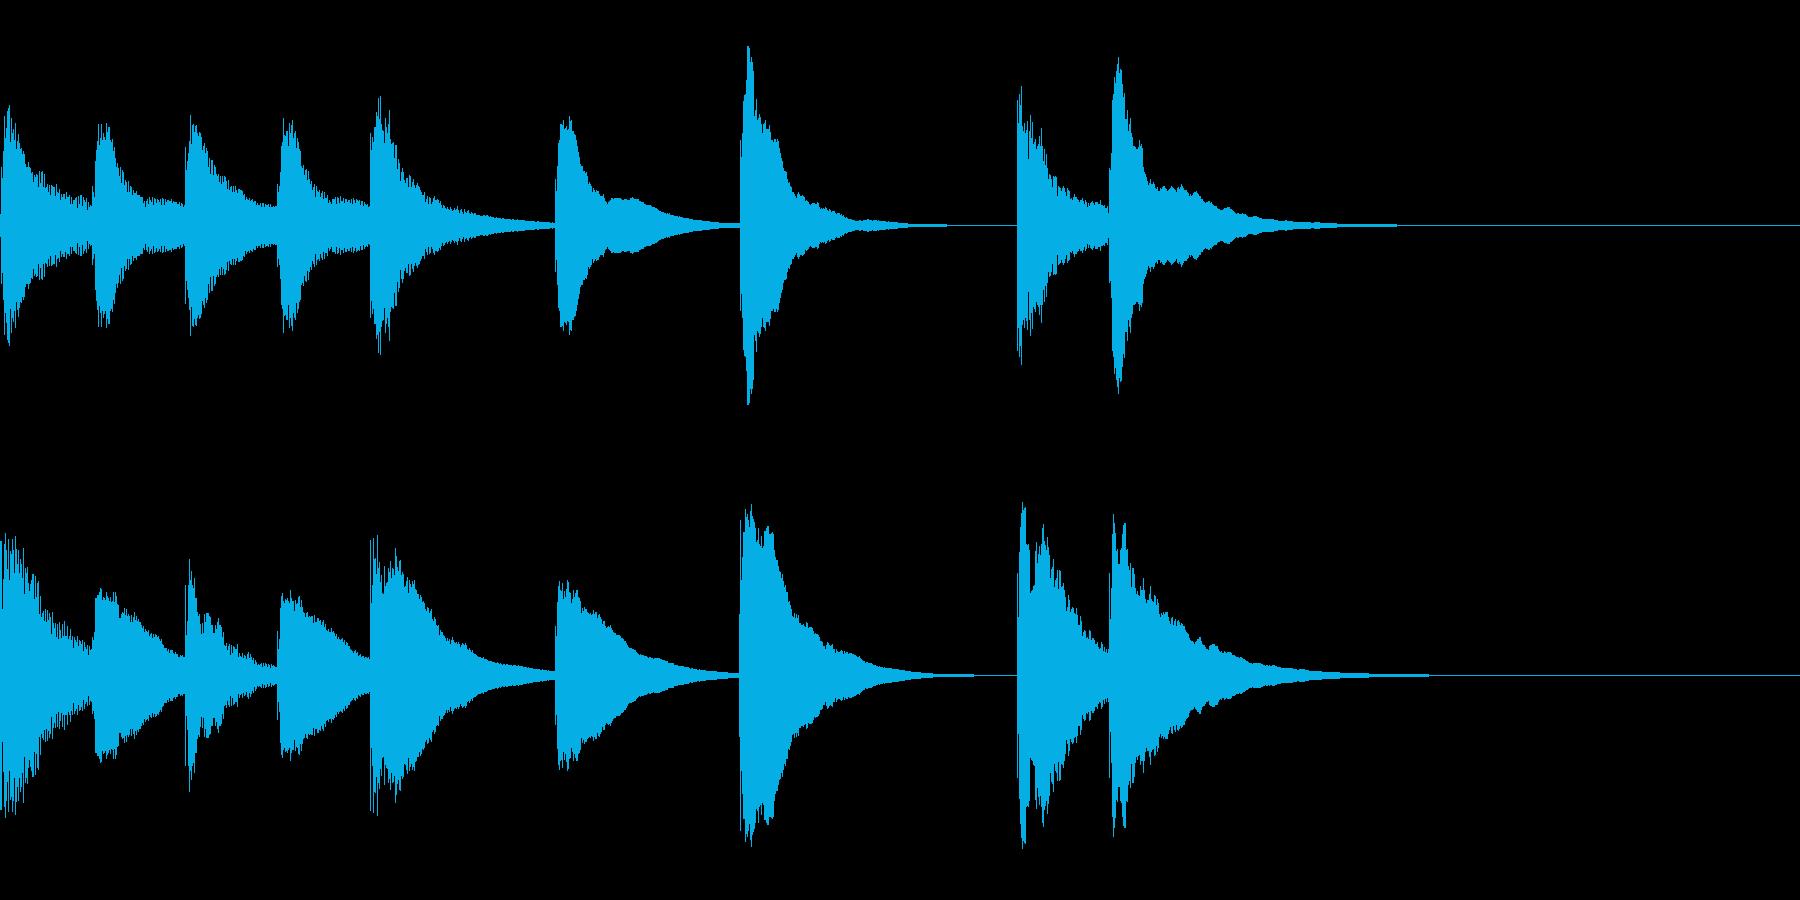 木琴のかわいい4秒ジングルの再生済みの波形